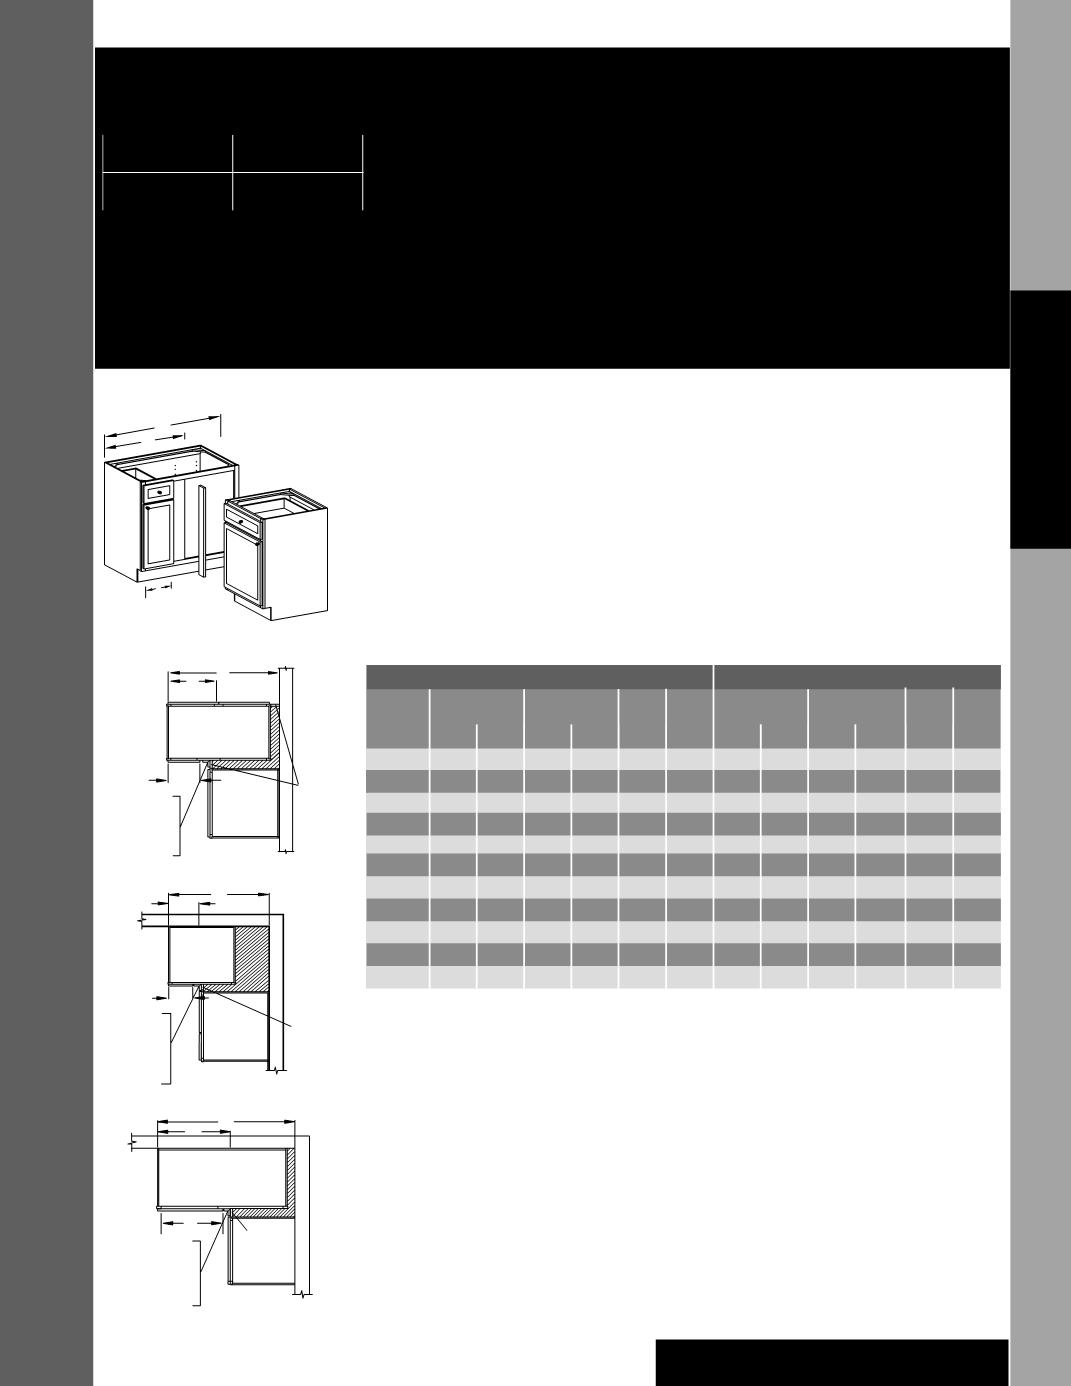 Interior Door Rail And Stile Dimensions